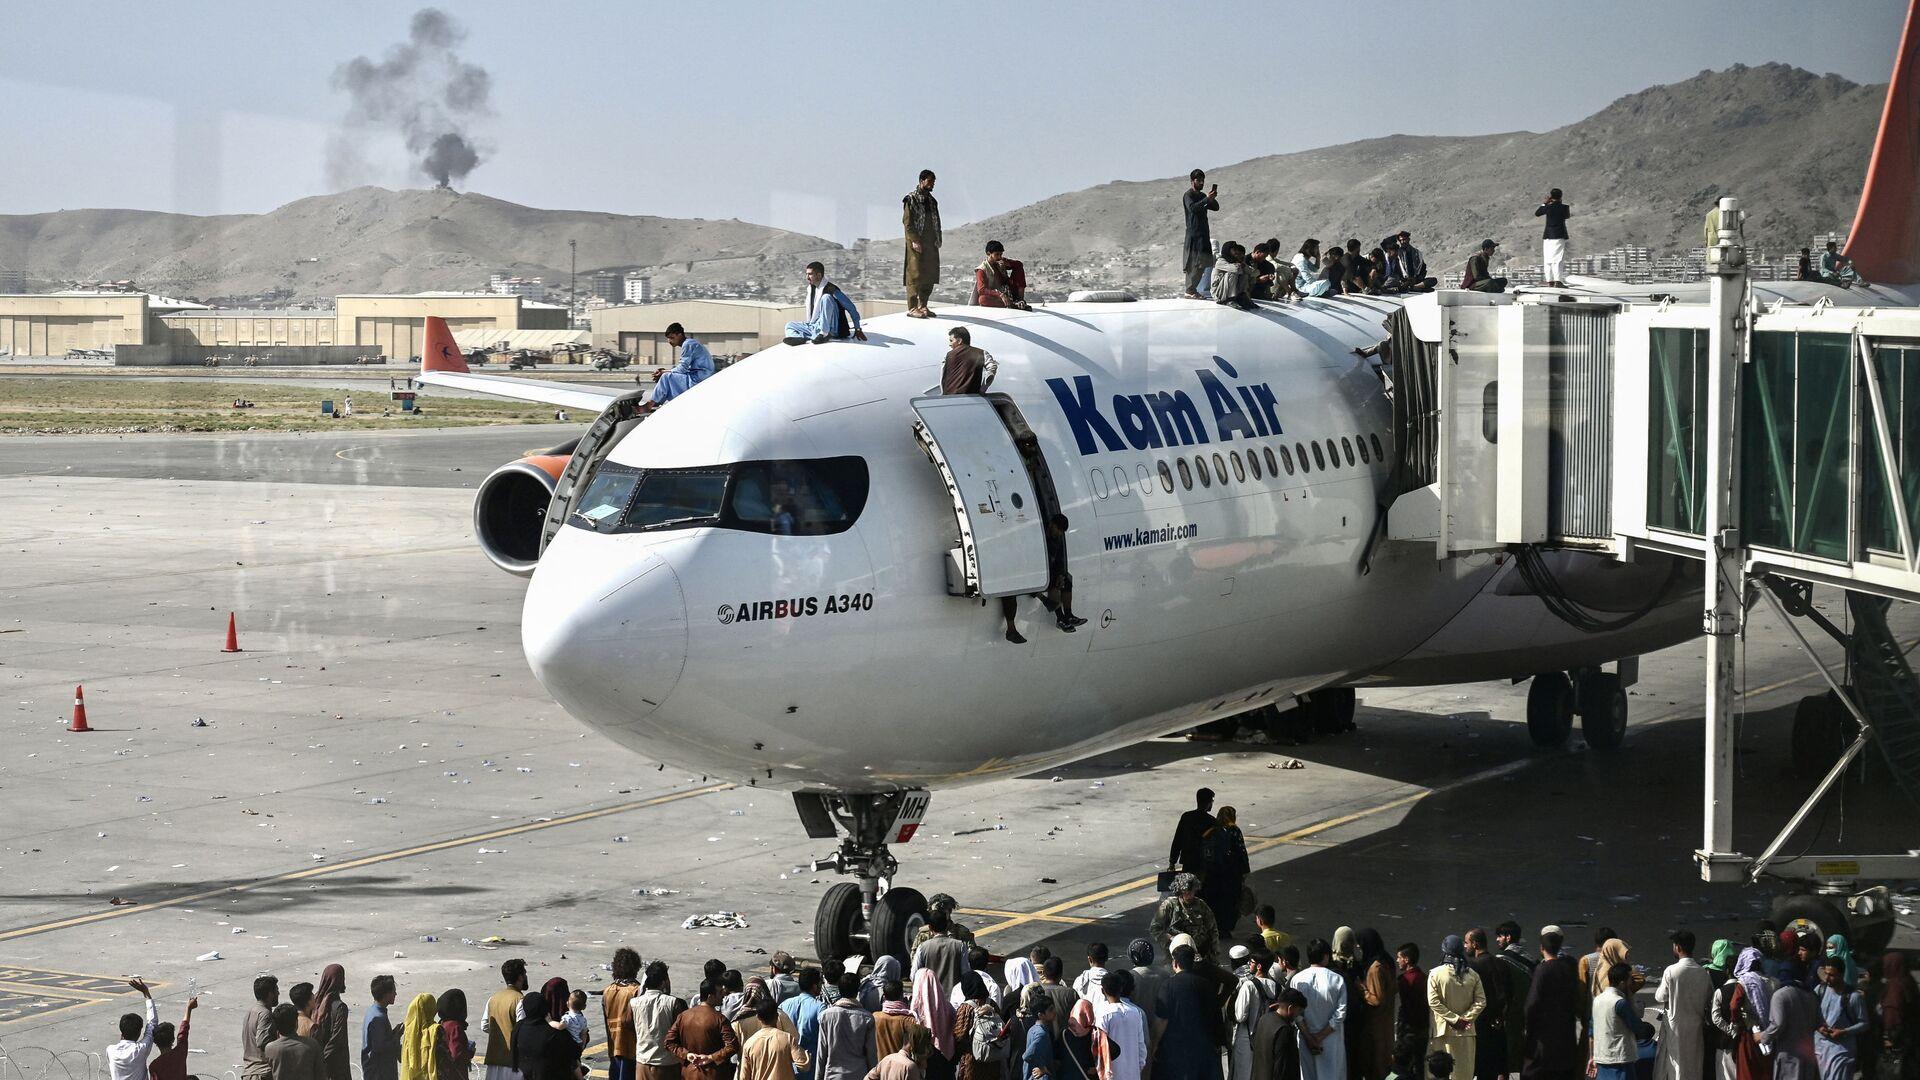 Aeroporto internazionale di Kabul  - Sputnik Italia, 1920, 21.08.2021